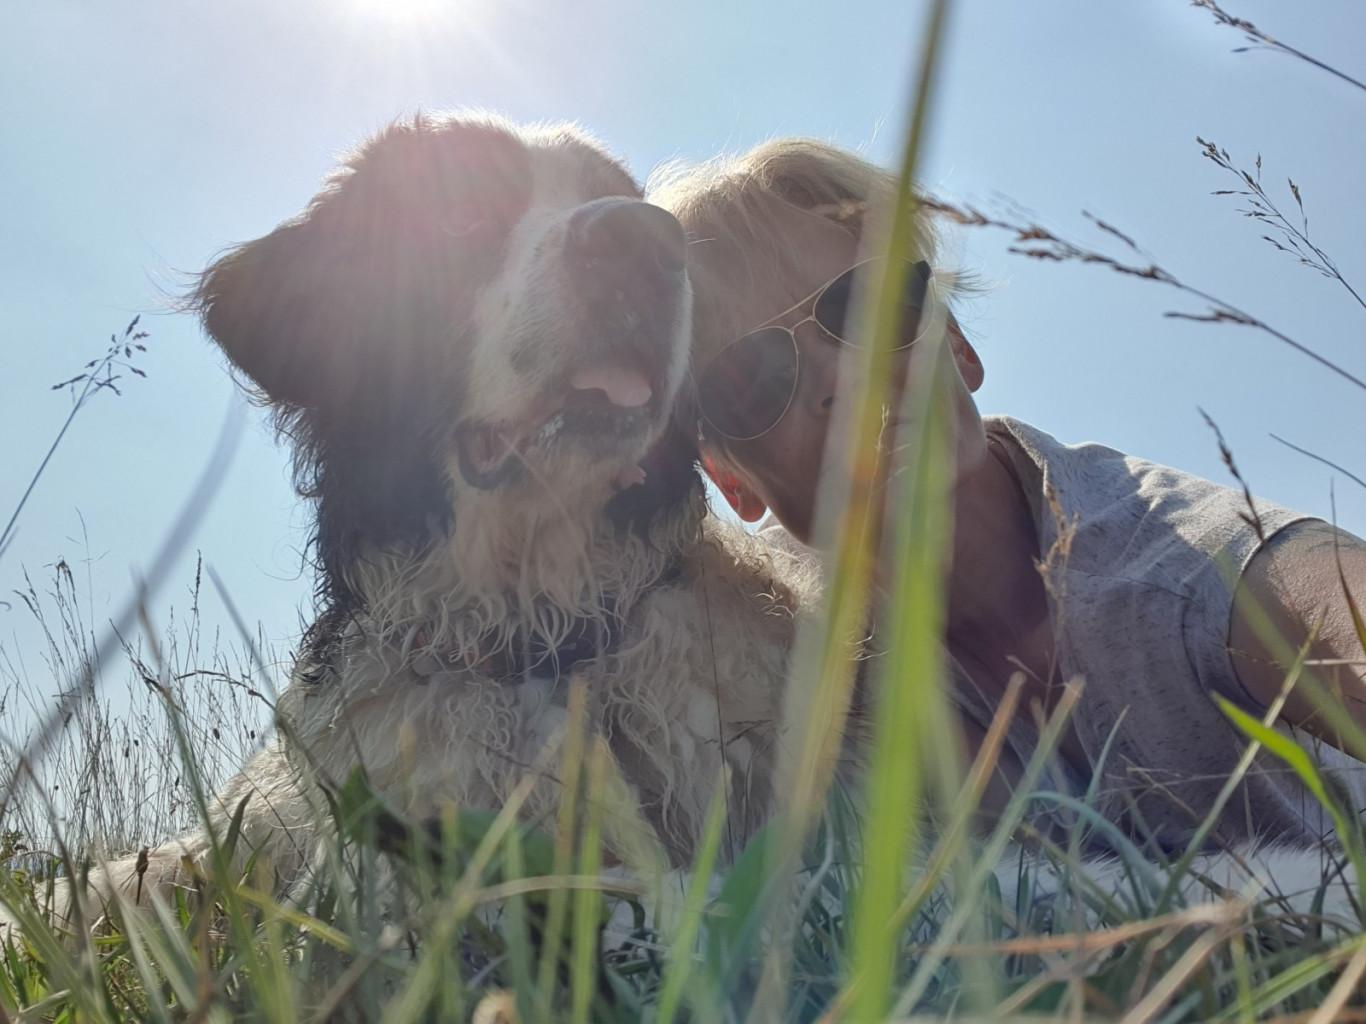 S psičko Lucy